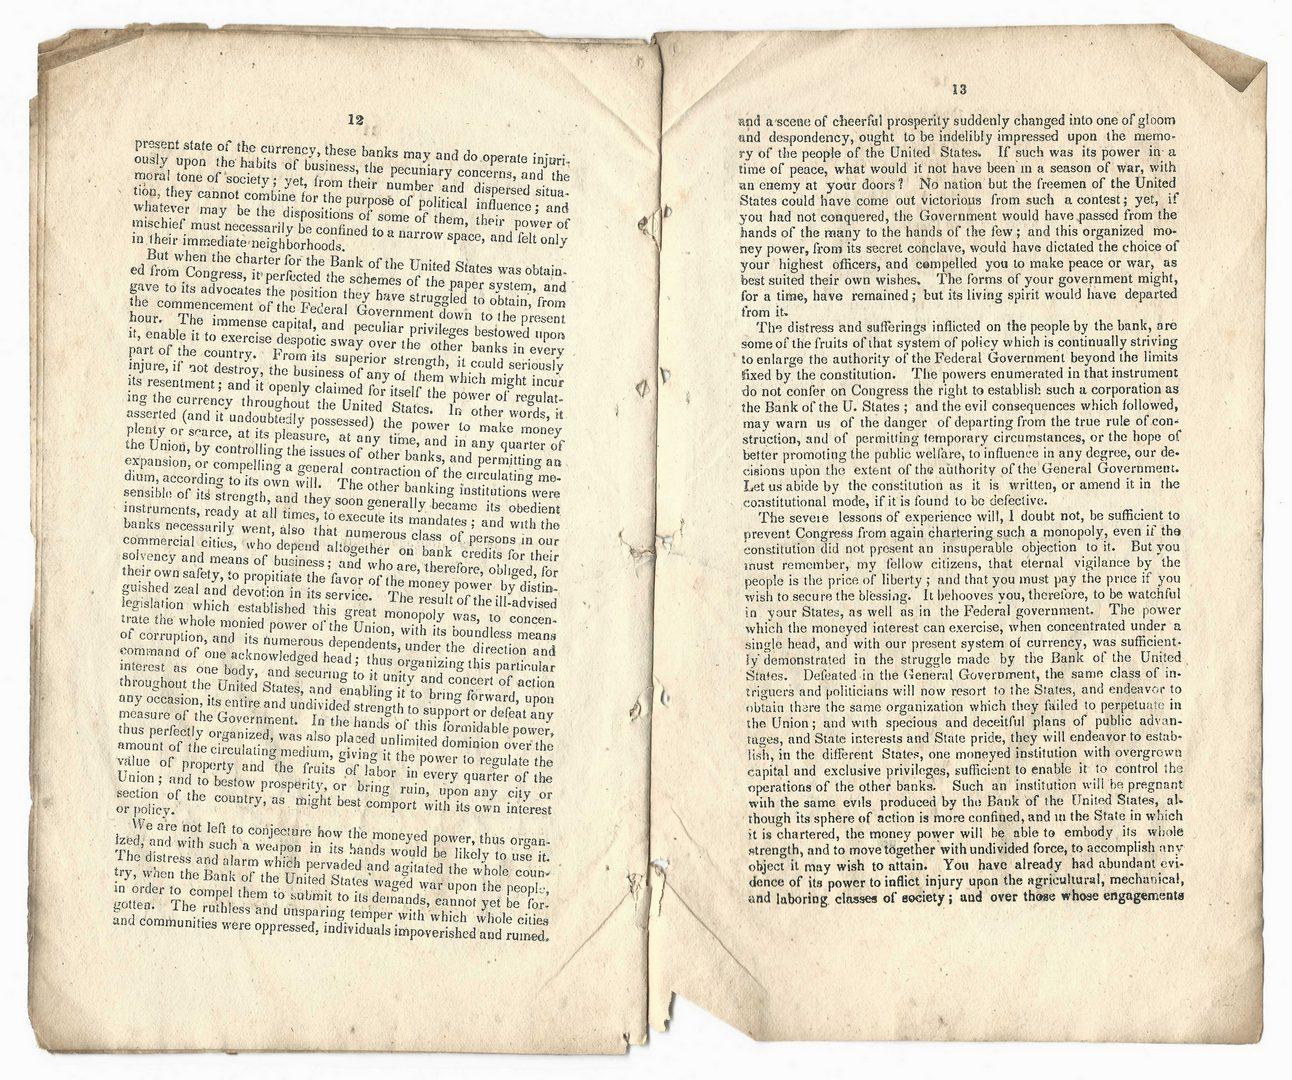 Lot 433: President Andrew Jackson Images and Ephemera, 19 pcs.